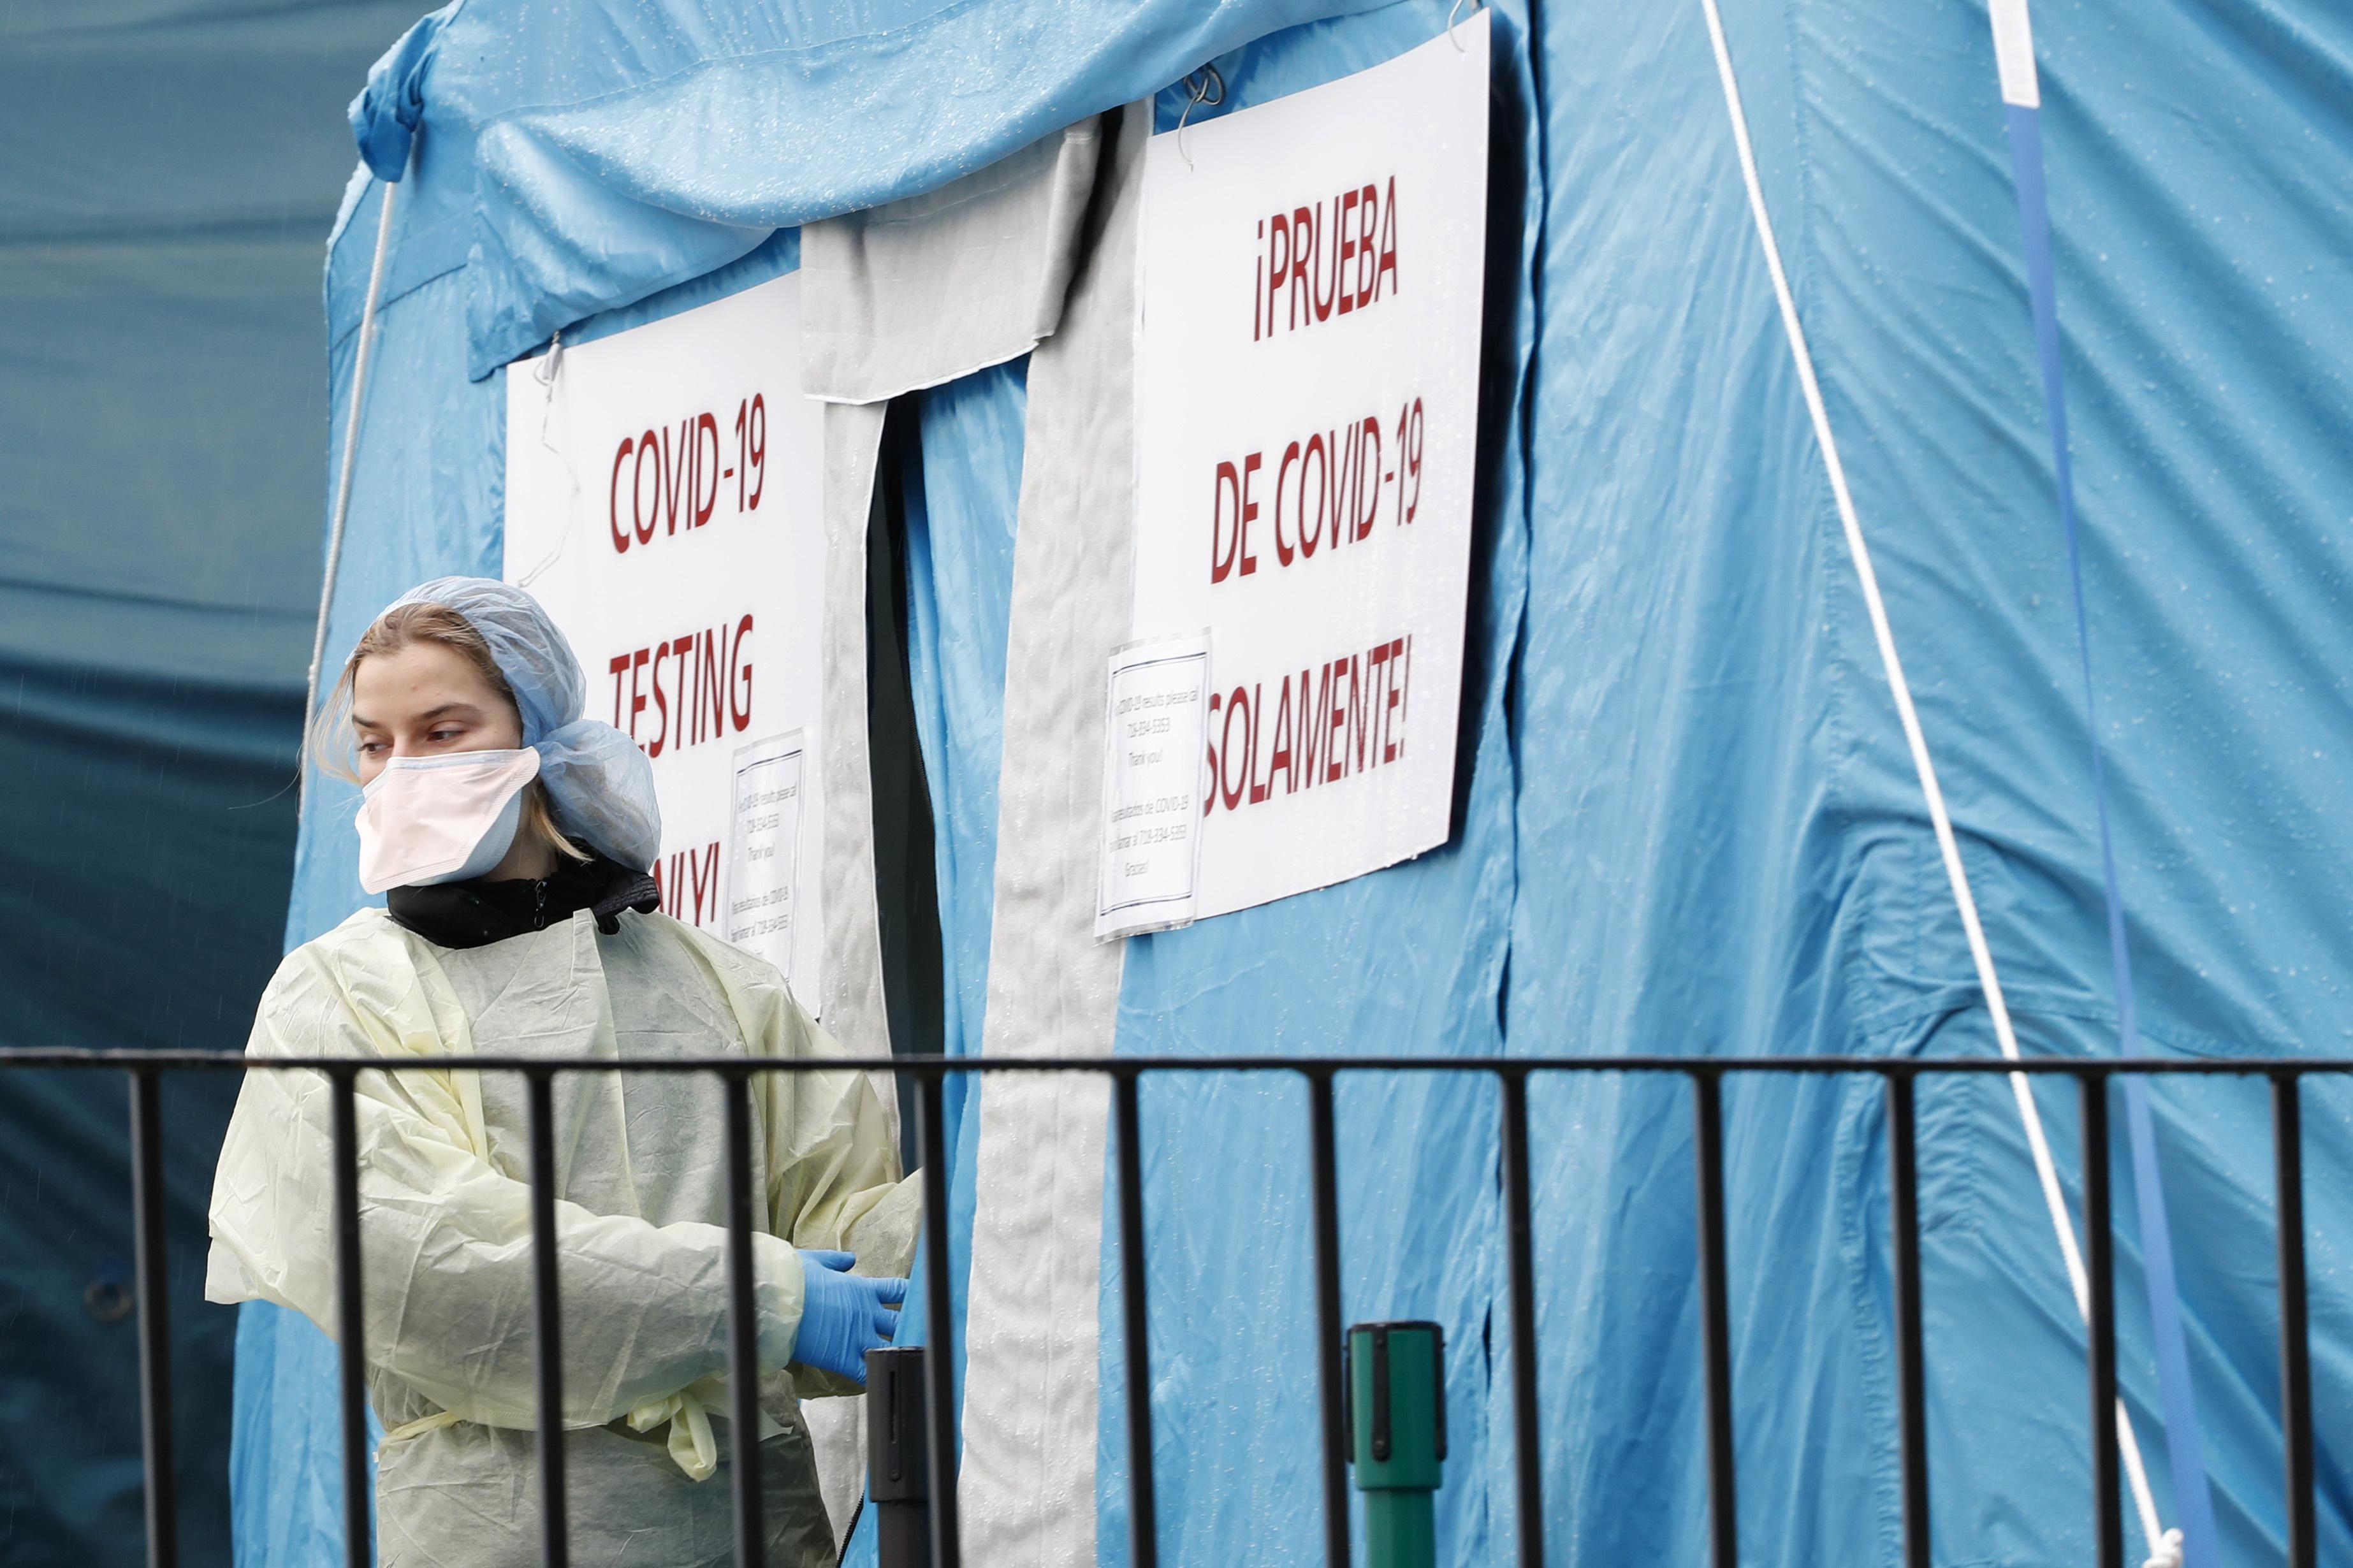 allbet gmaing官网:一文读懂全球疫情: 全球累计确诊逾889万 美国东部疫情好转中西部形势严峻 第1张